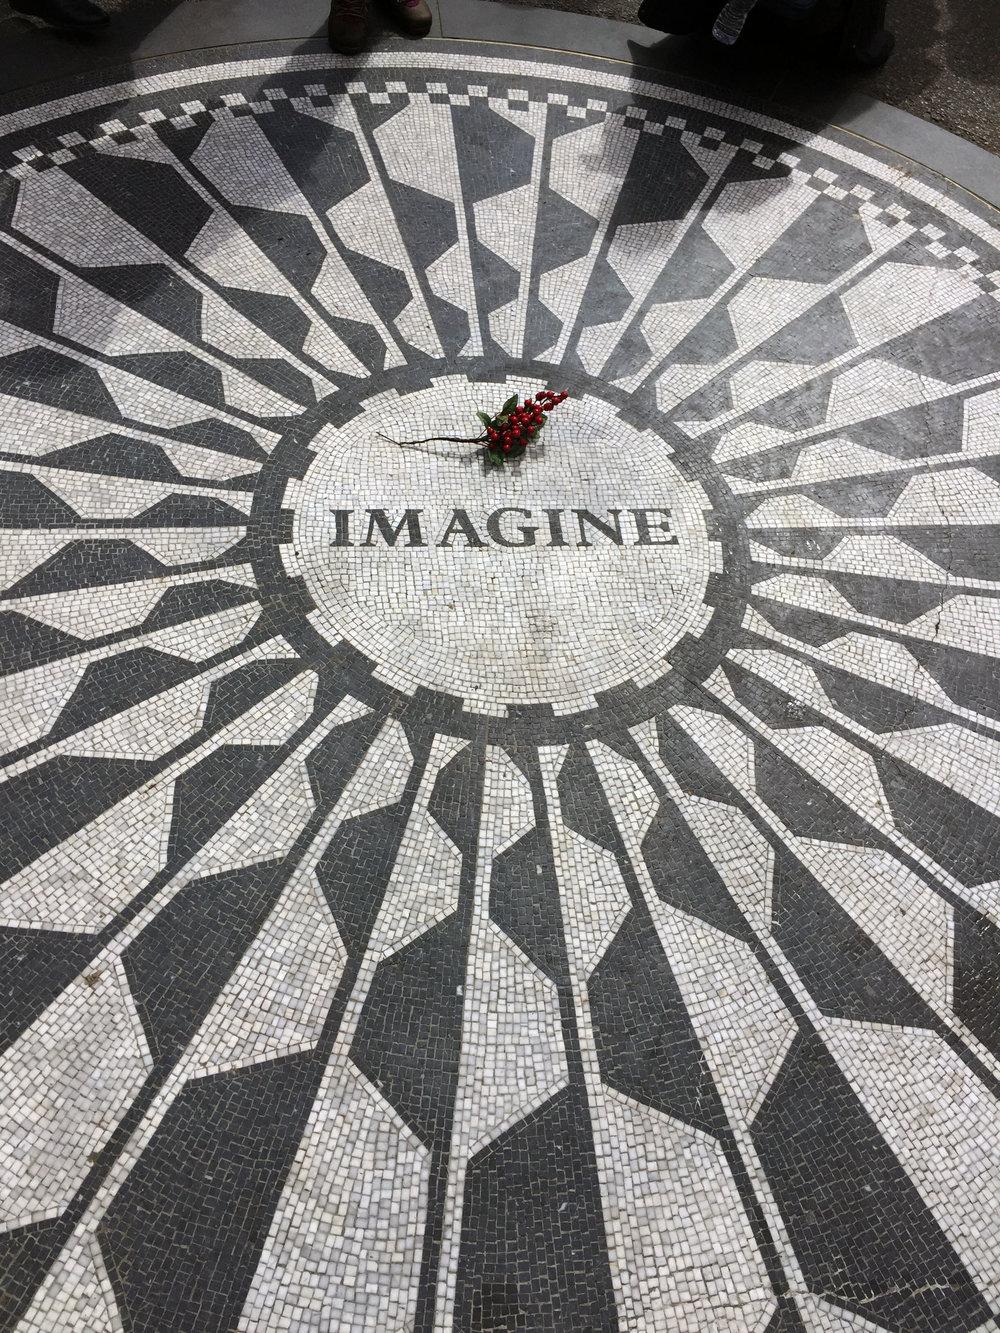 Imagine Peace -